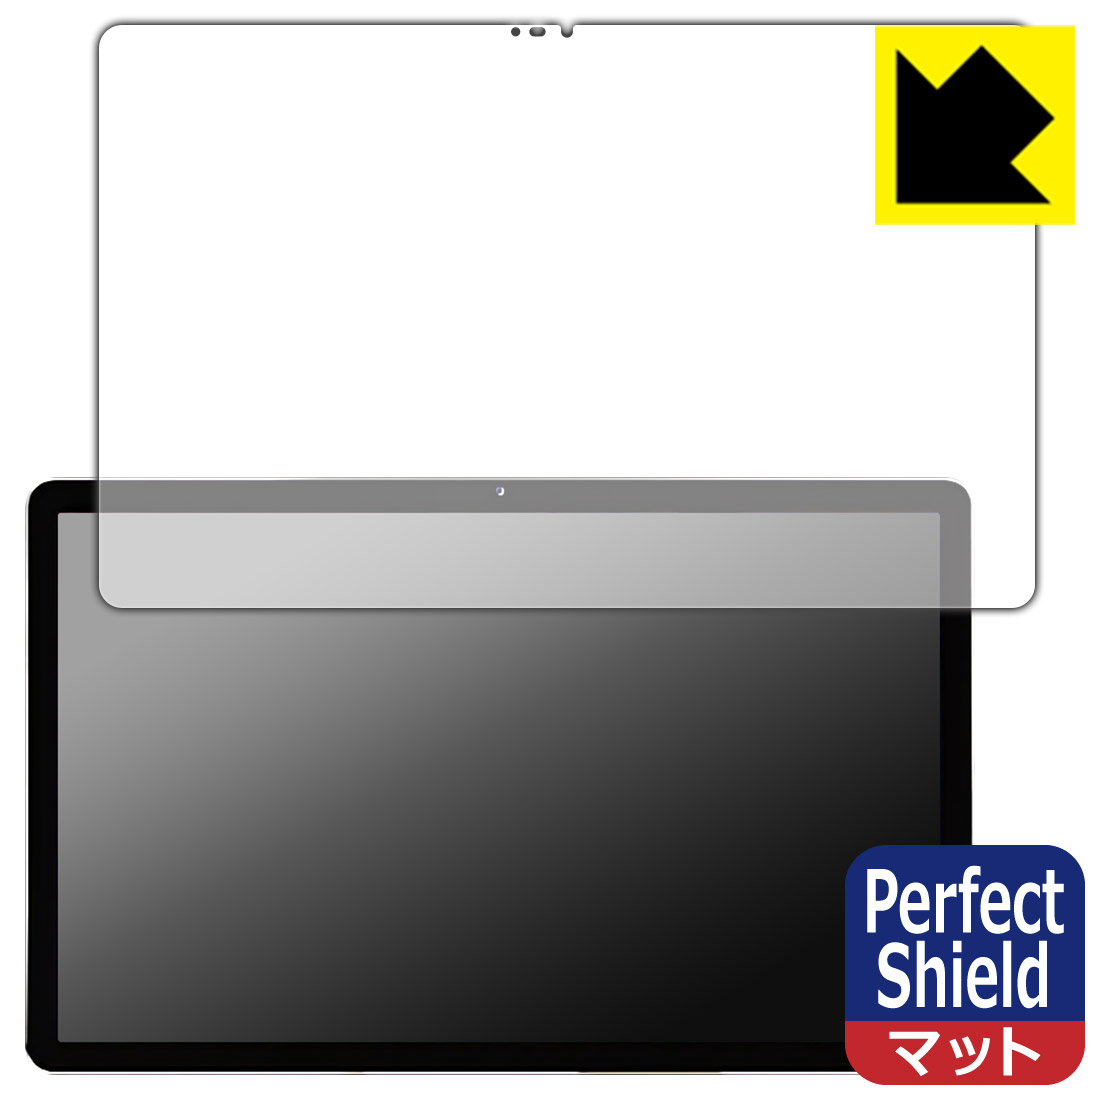 アンチグレアタイプ 非光沢 Lenovo Tab P11 超人気 Perfect smtb-kd 直営限定アウトレット 専用保護フィルム 保護シート Shield